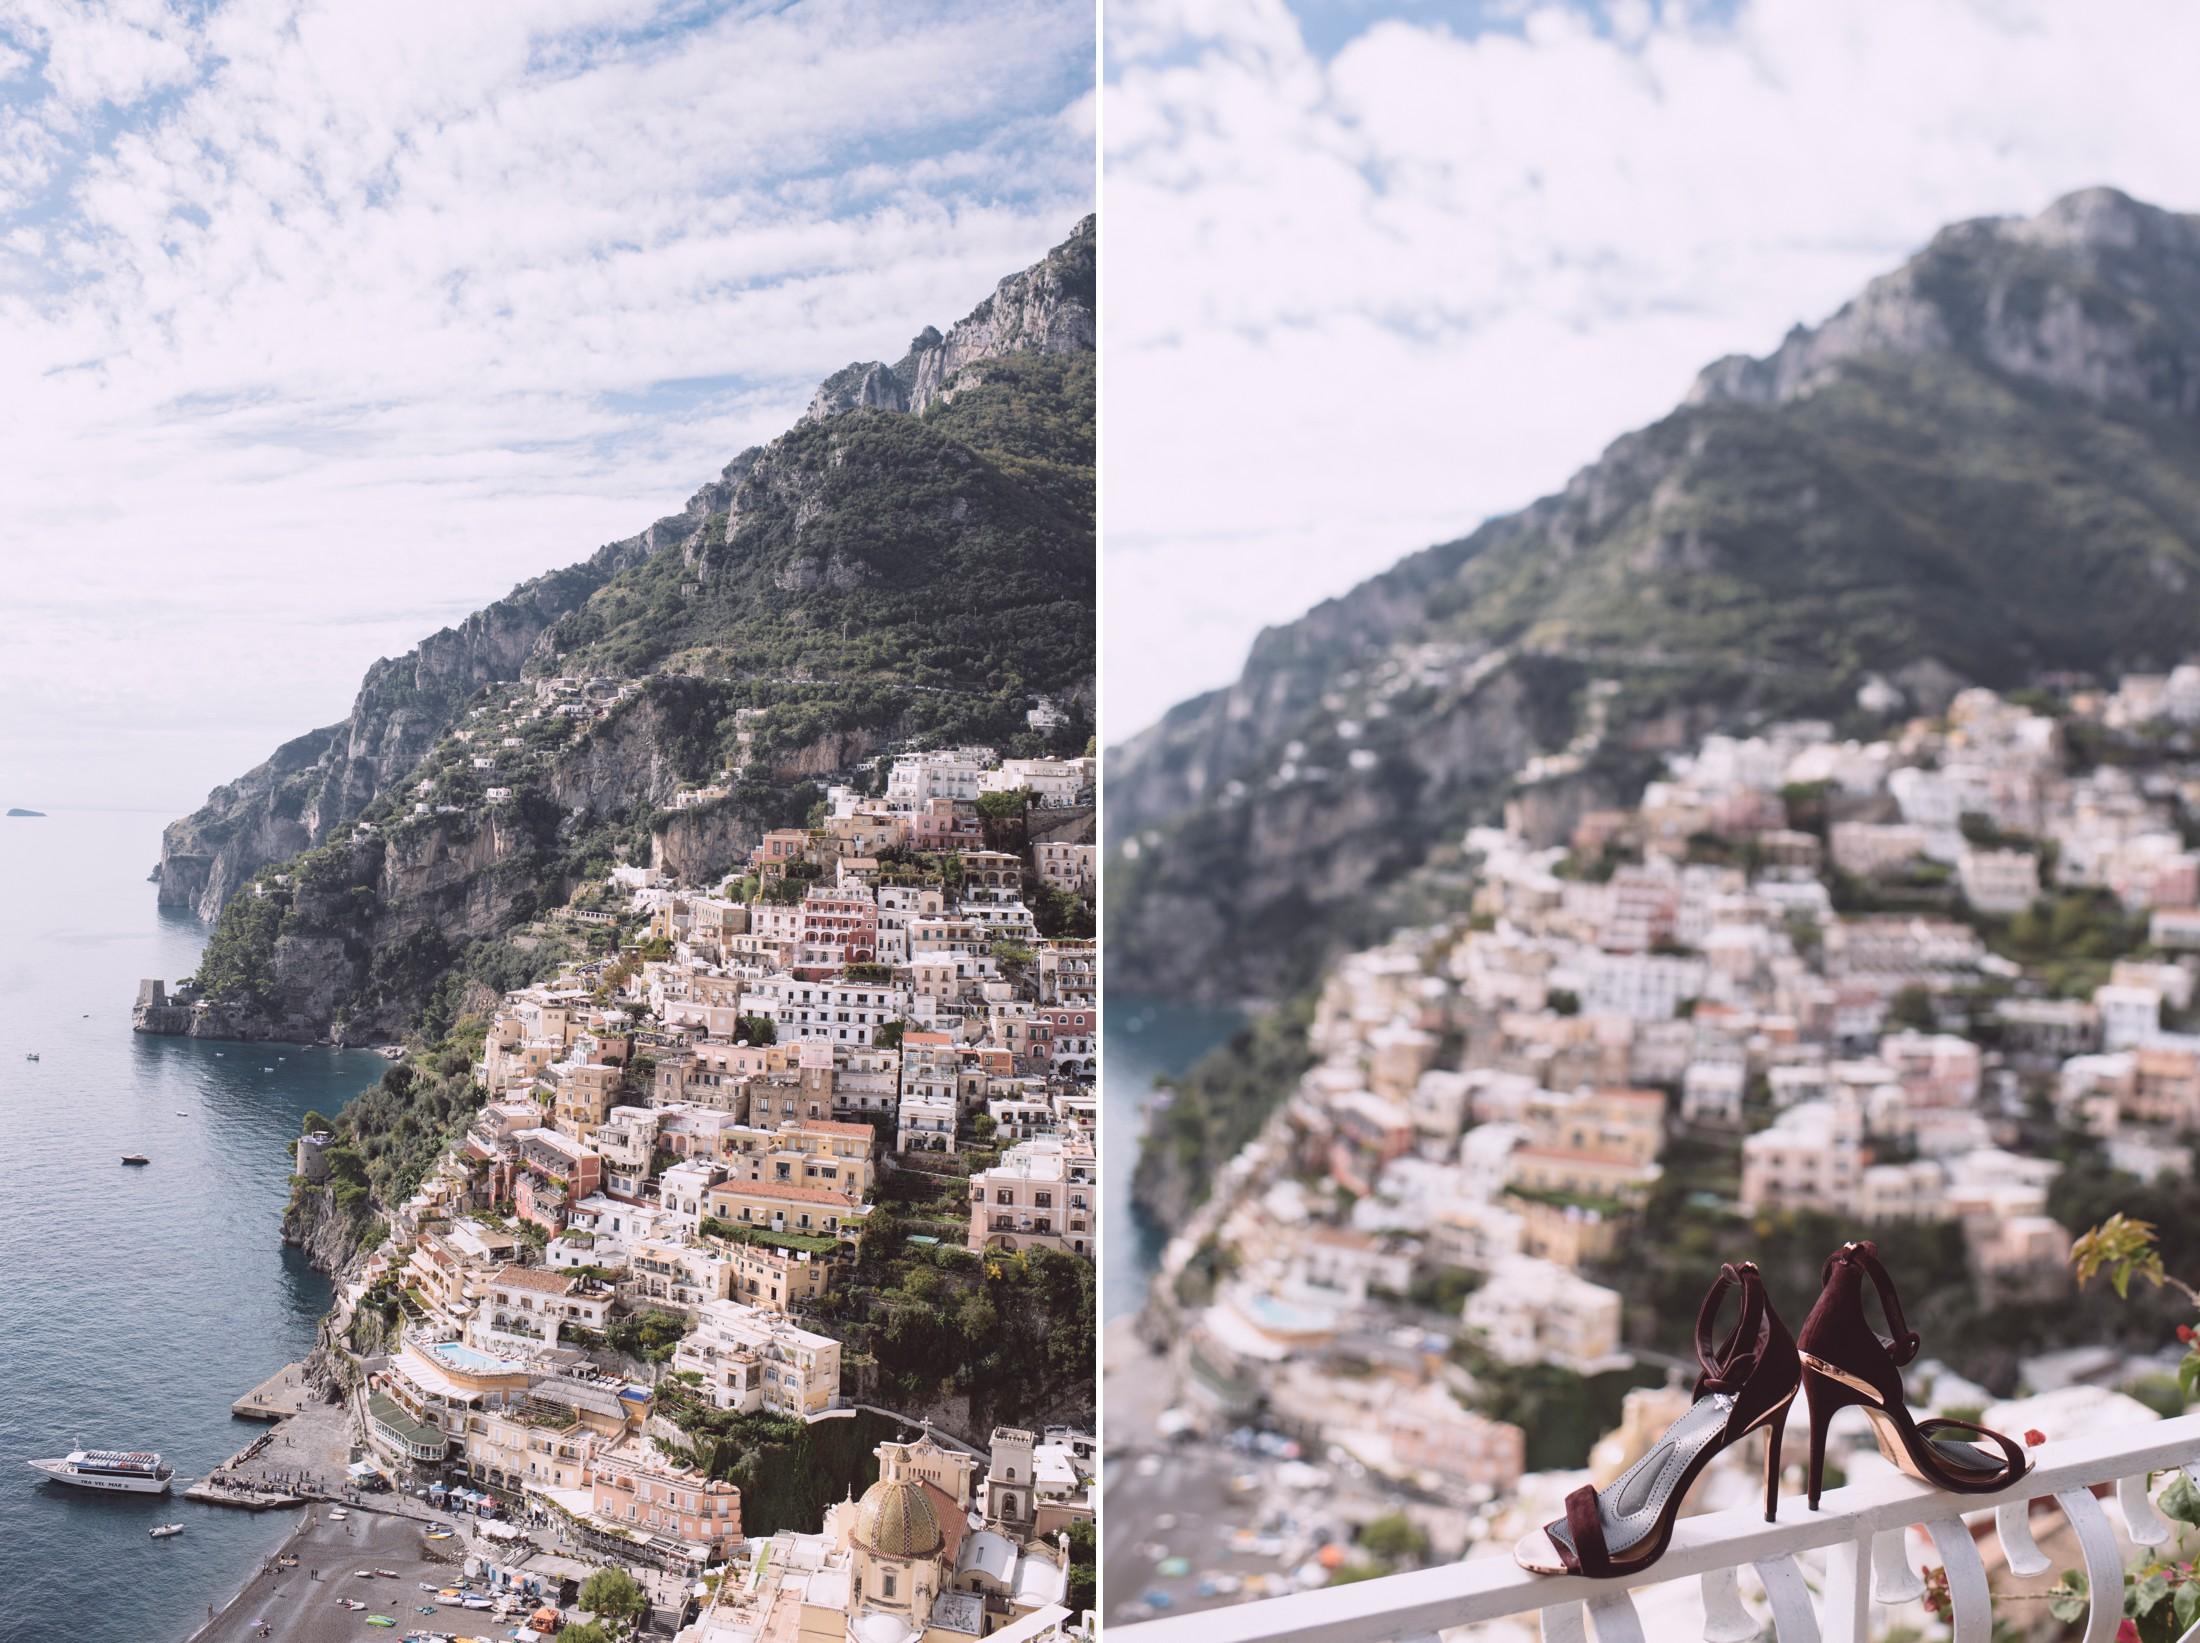 positano wedding collage positano and bride's shoes